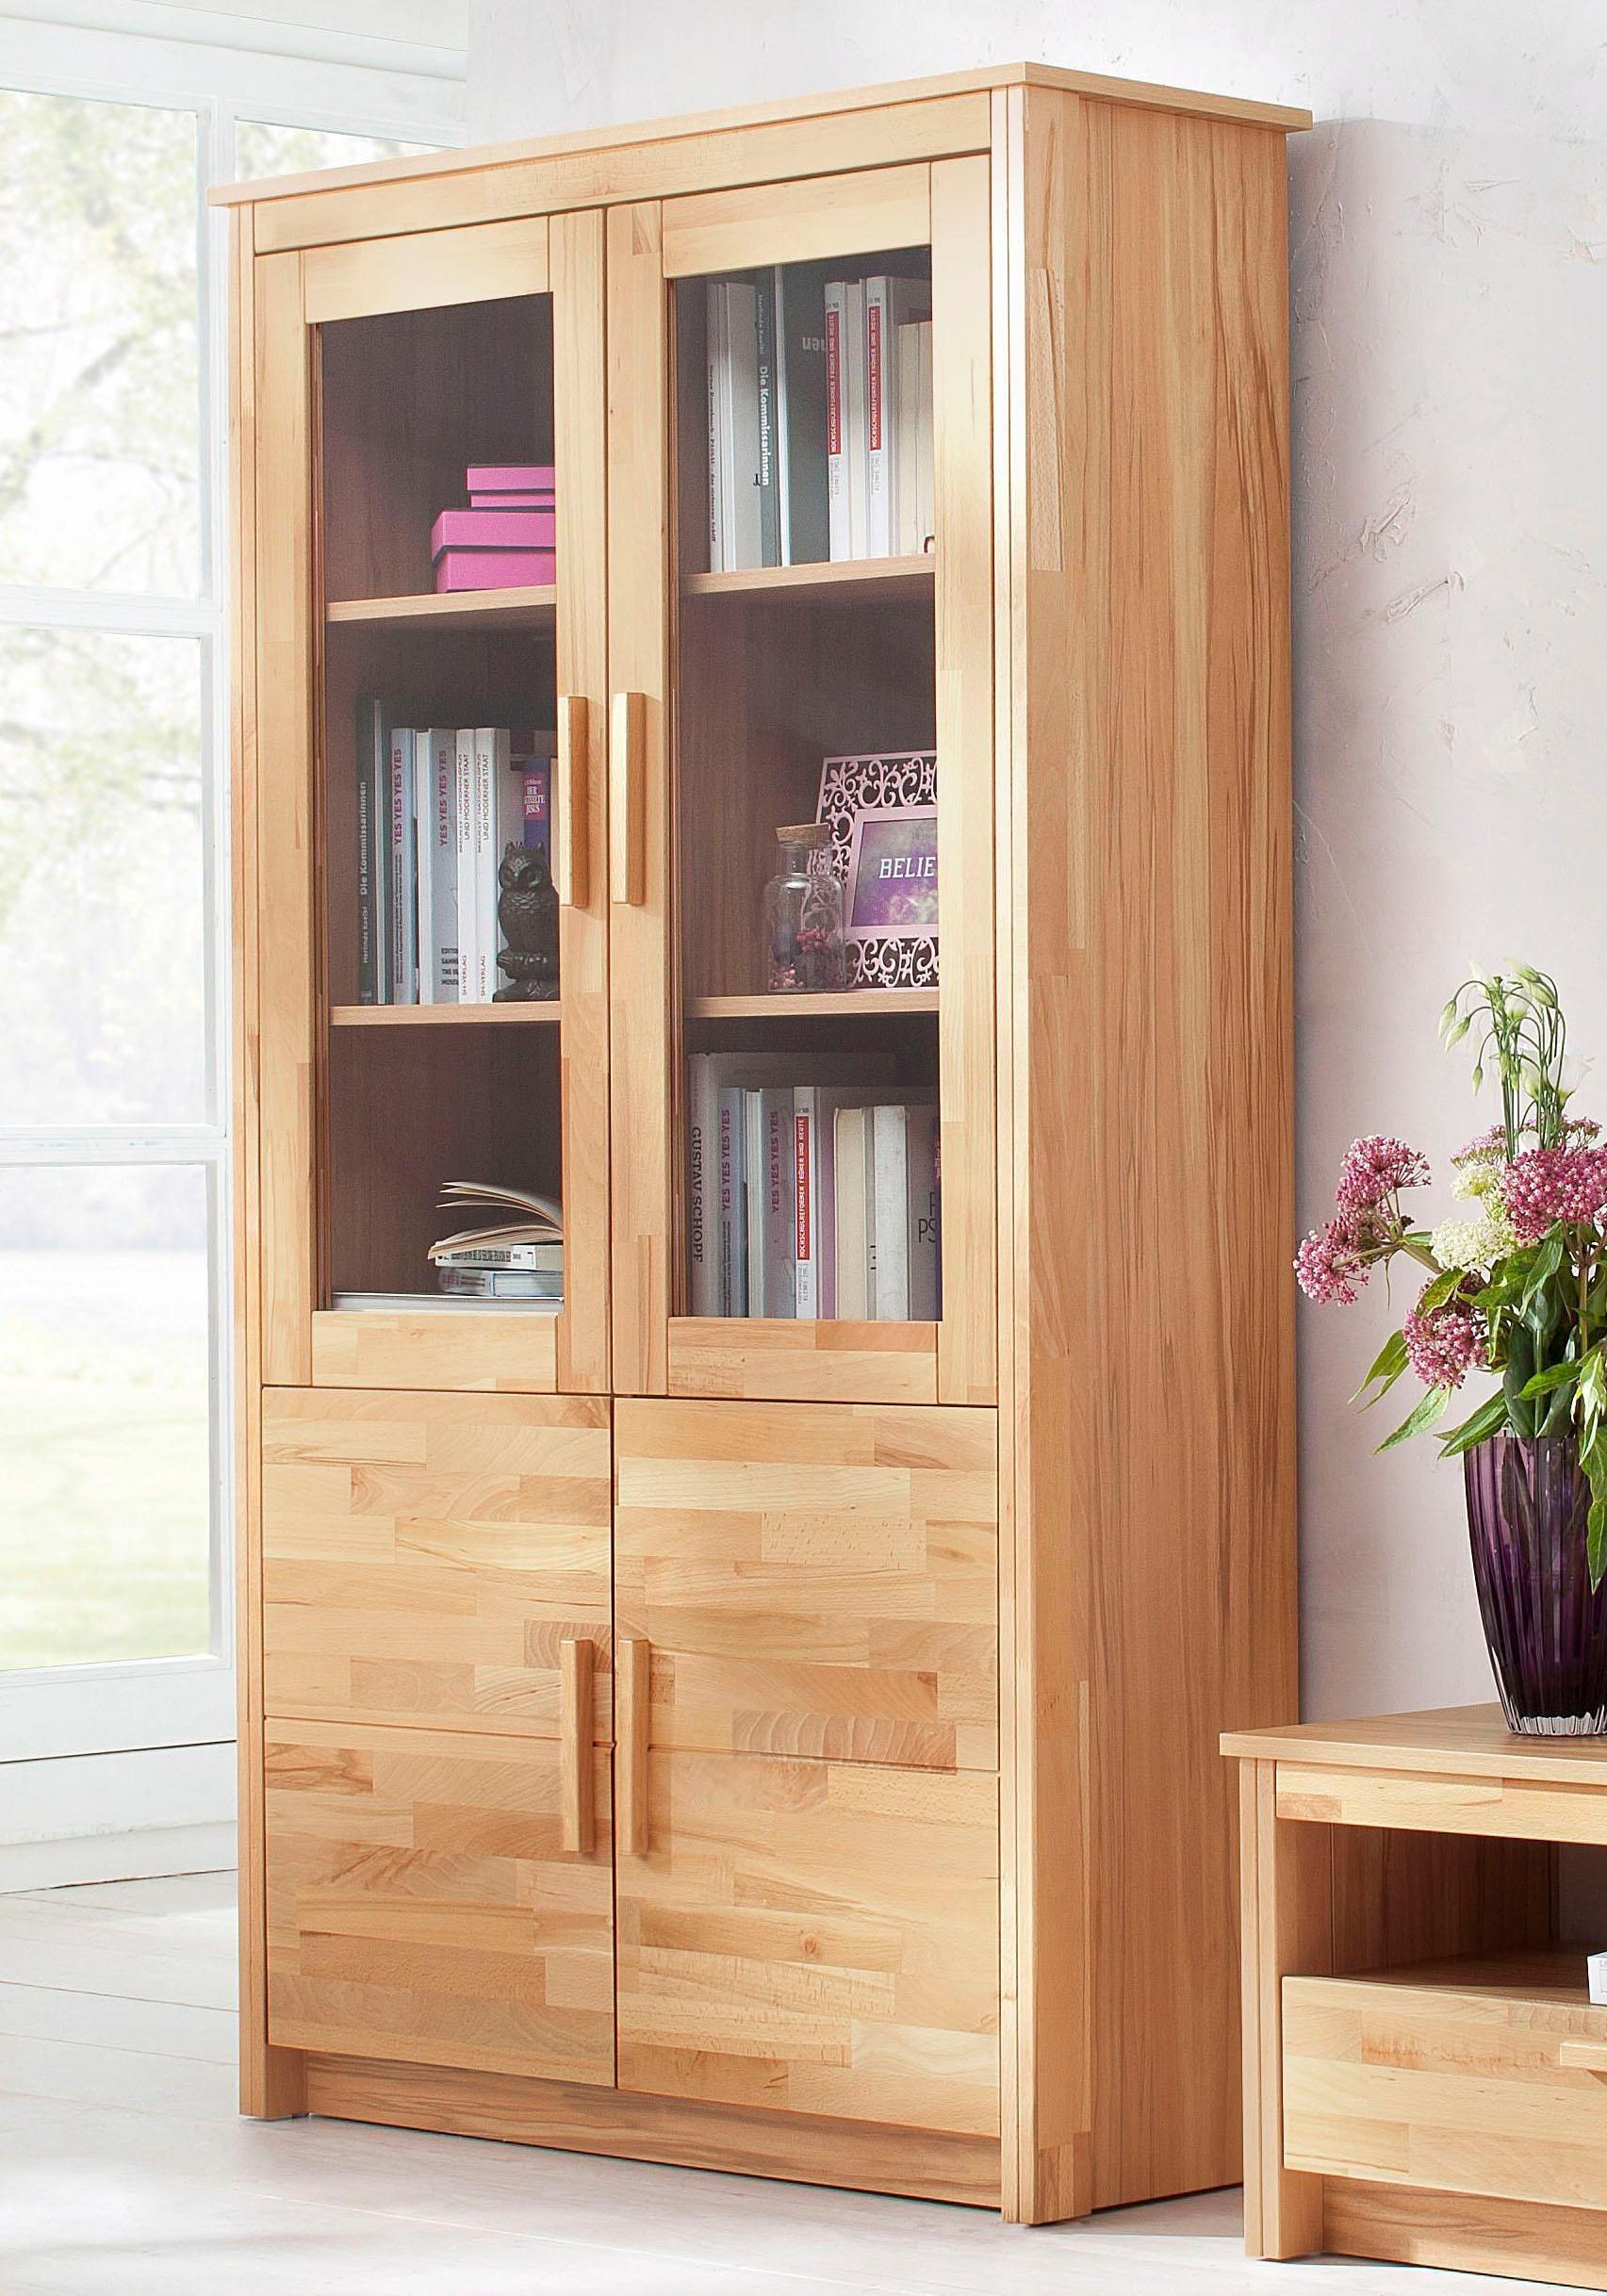 elektra bregenz preisvergleich die besten angebote online kaufen. Black Bedroom Furniture Sets. Home Design Ideas